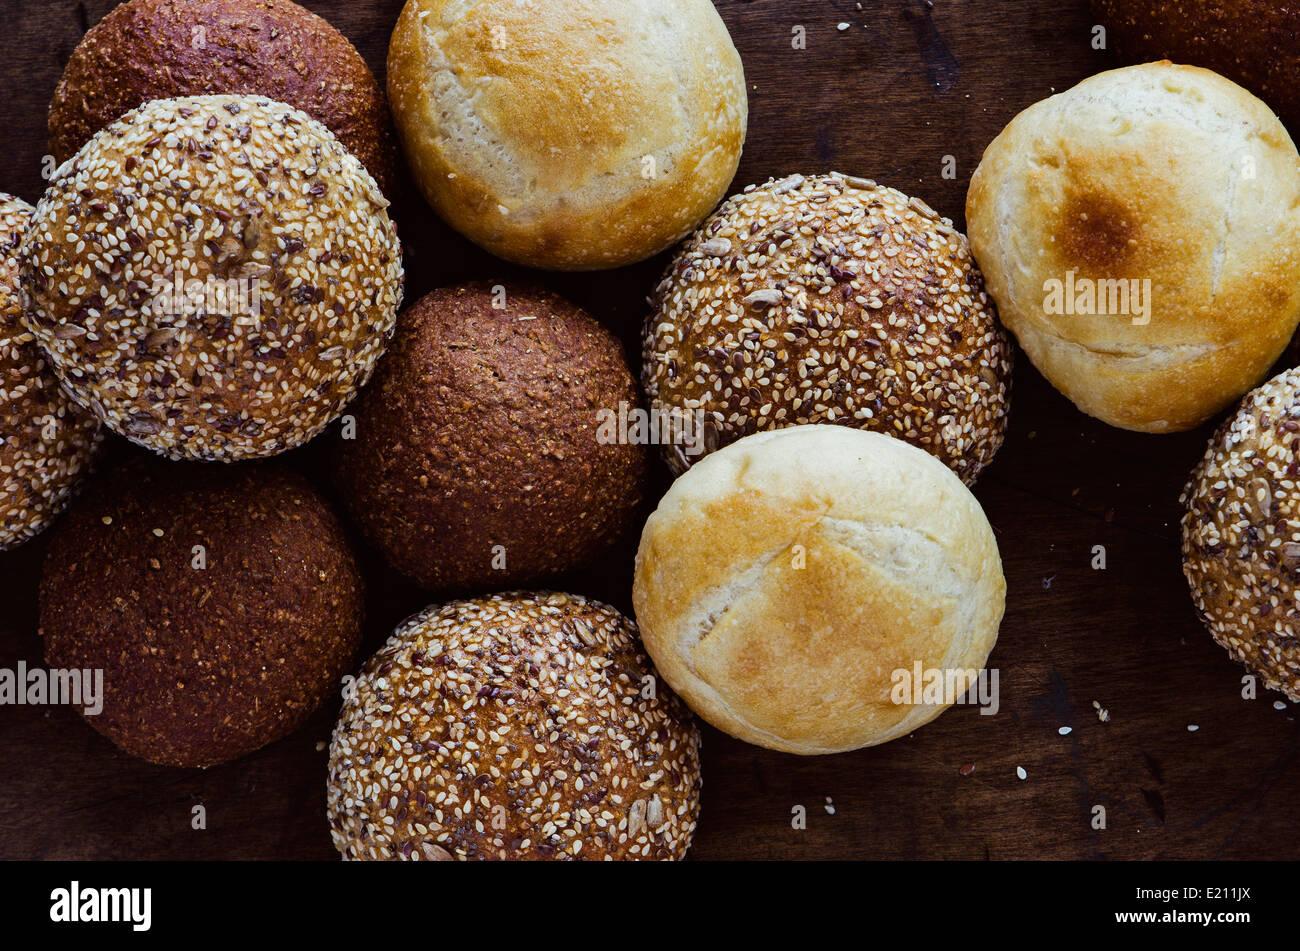 Un assortimento di pane artigianale rotoli Immagini Stock